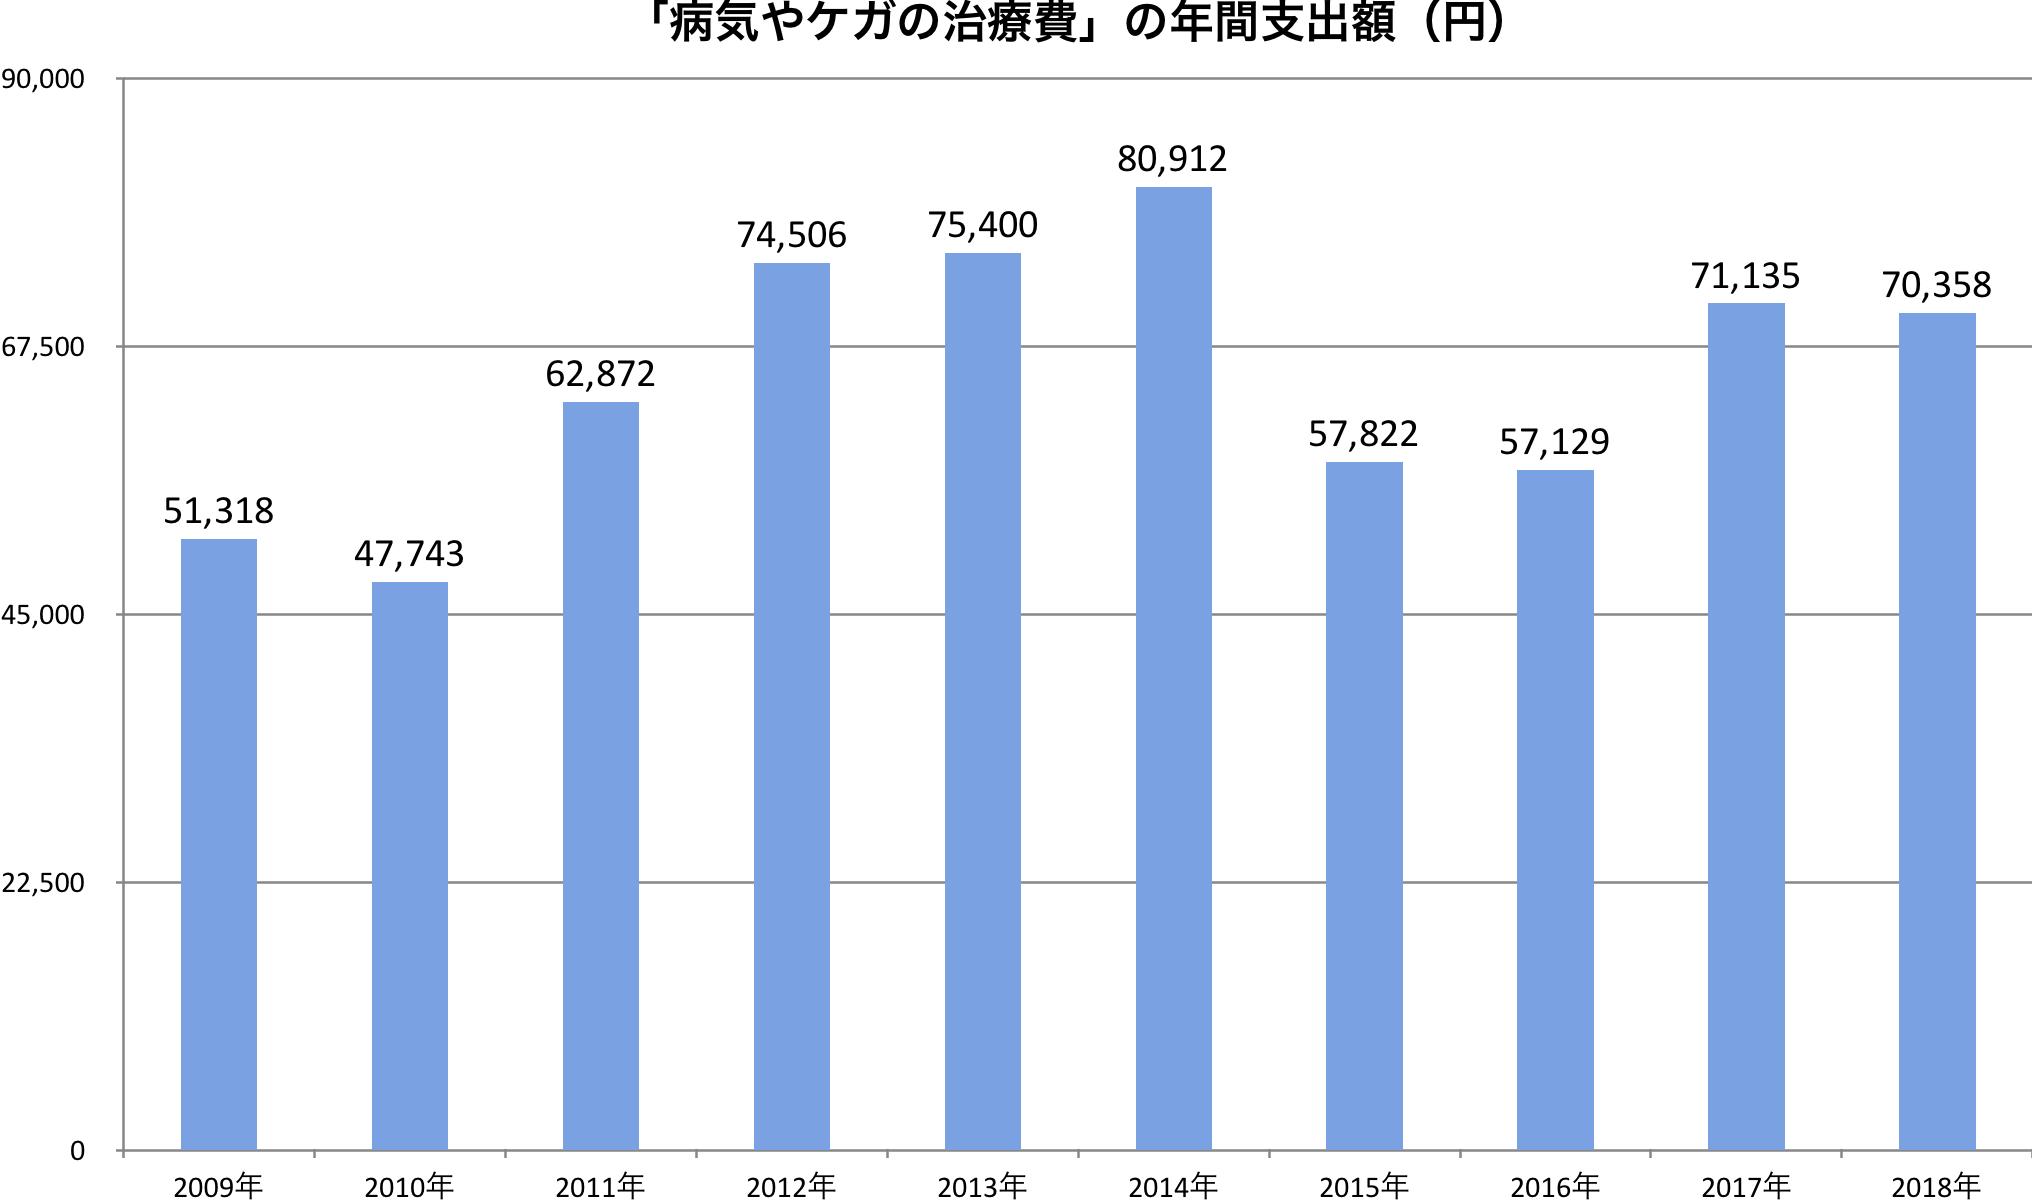 治療費グラフ